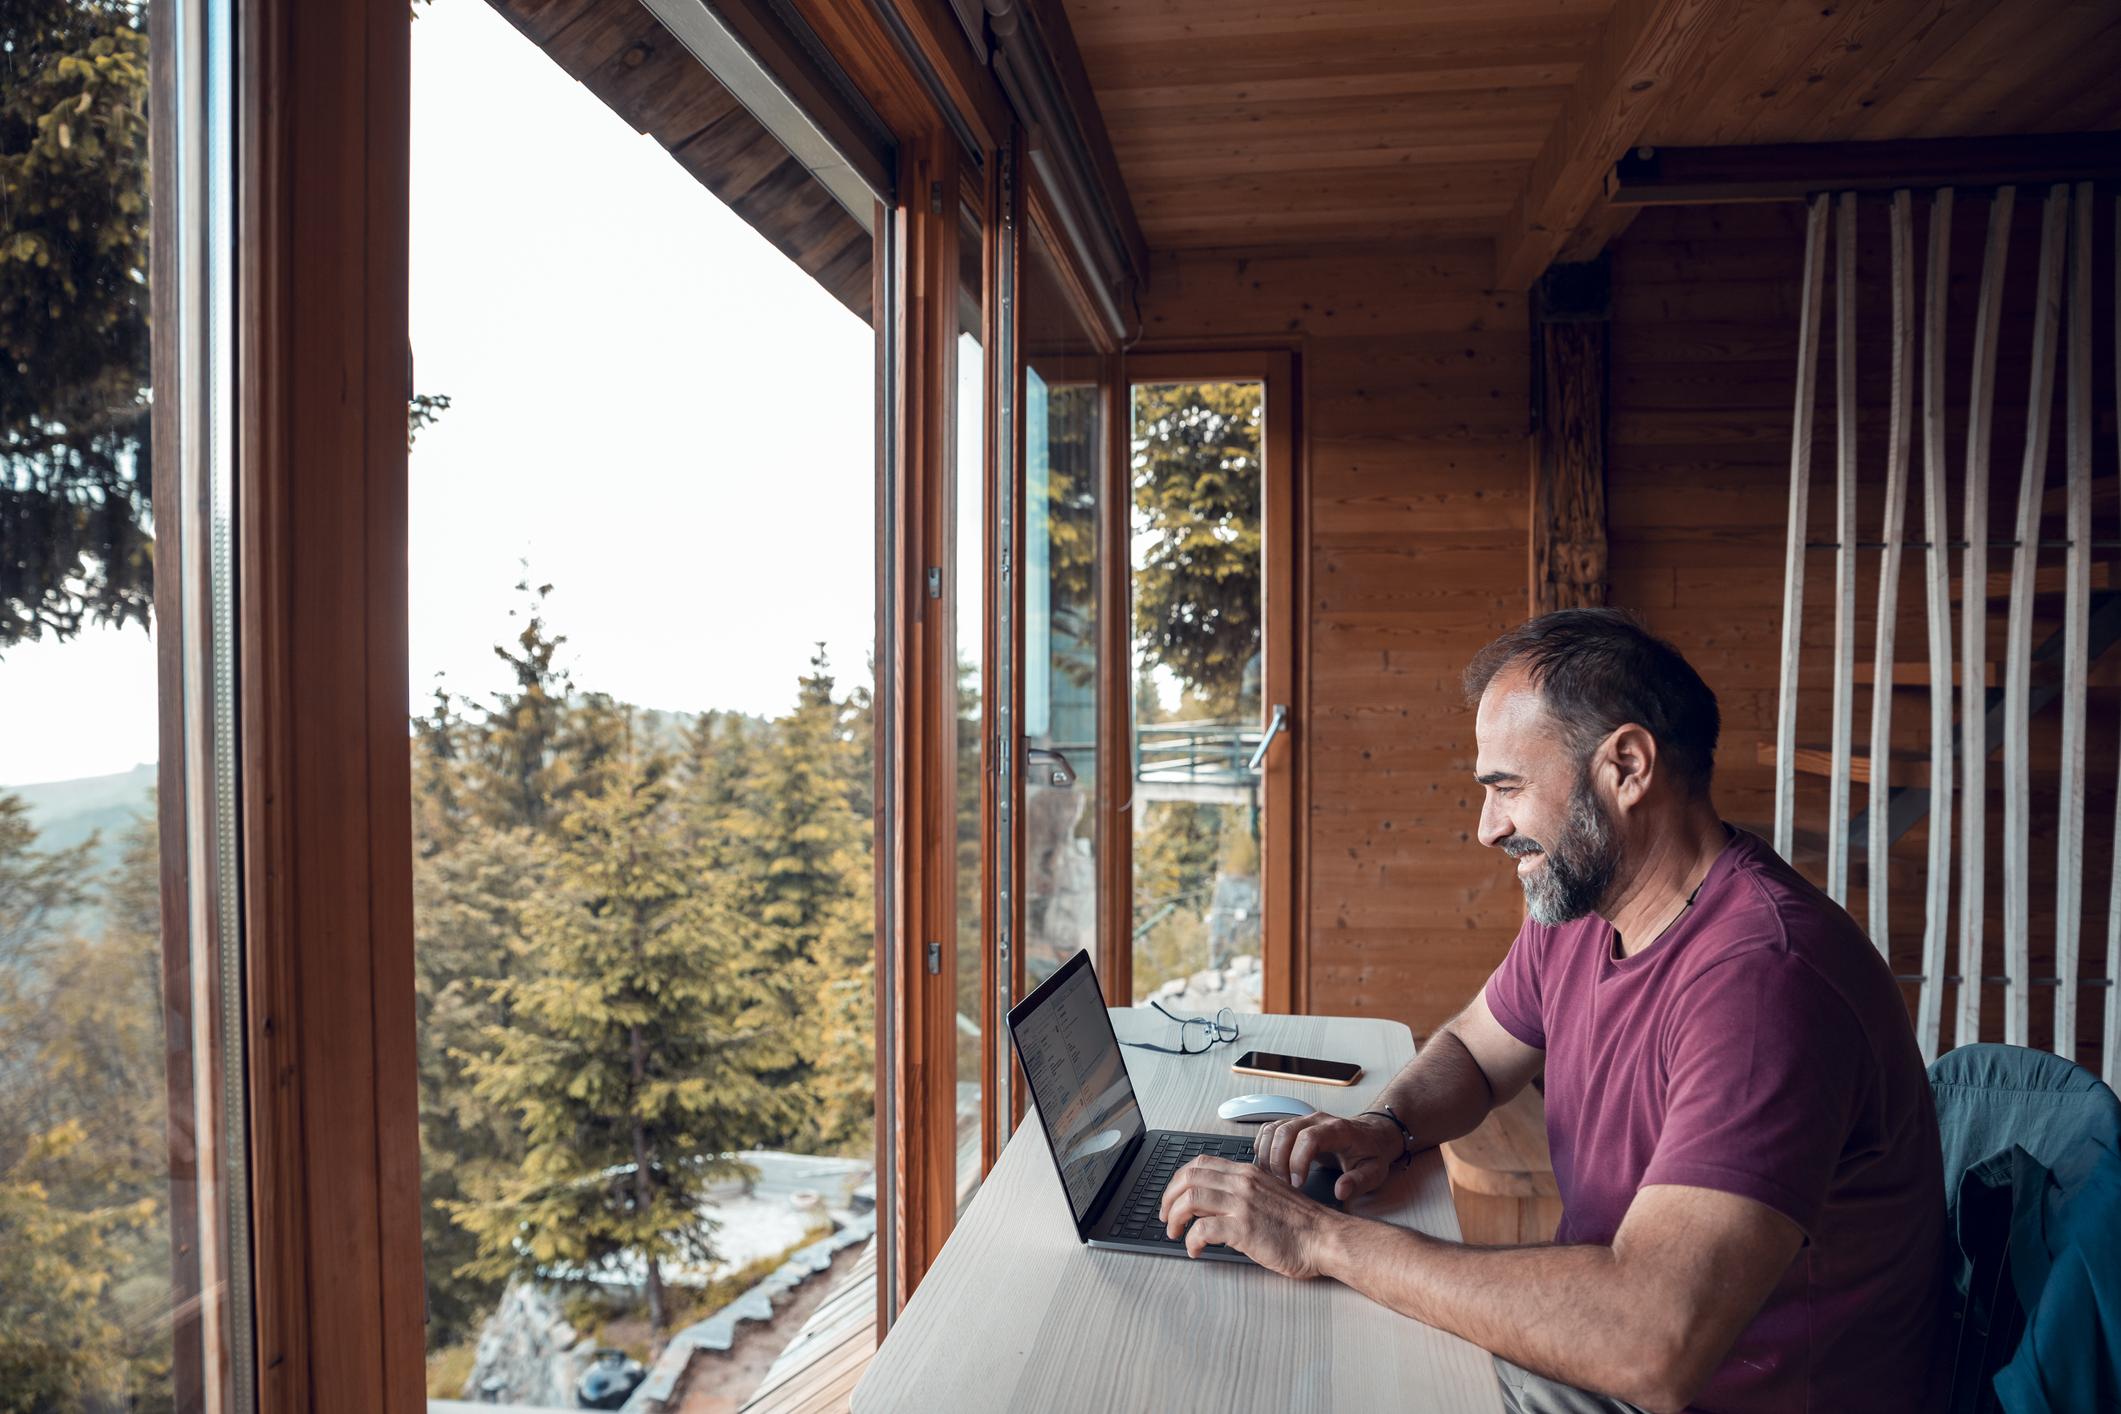 lavoro-ibrido,-i-consigli-per-gli-imprenditori-che-vogliono-liberare-il-potenziale-anche-dal-salotto-di-casa